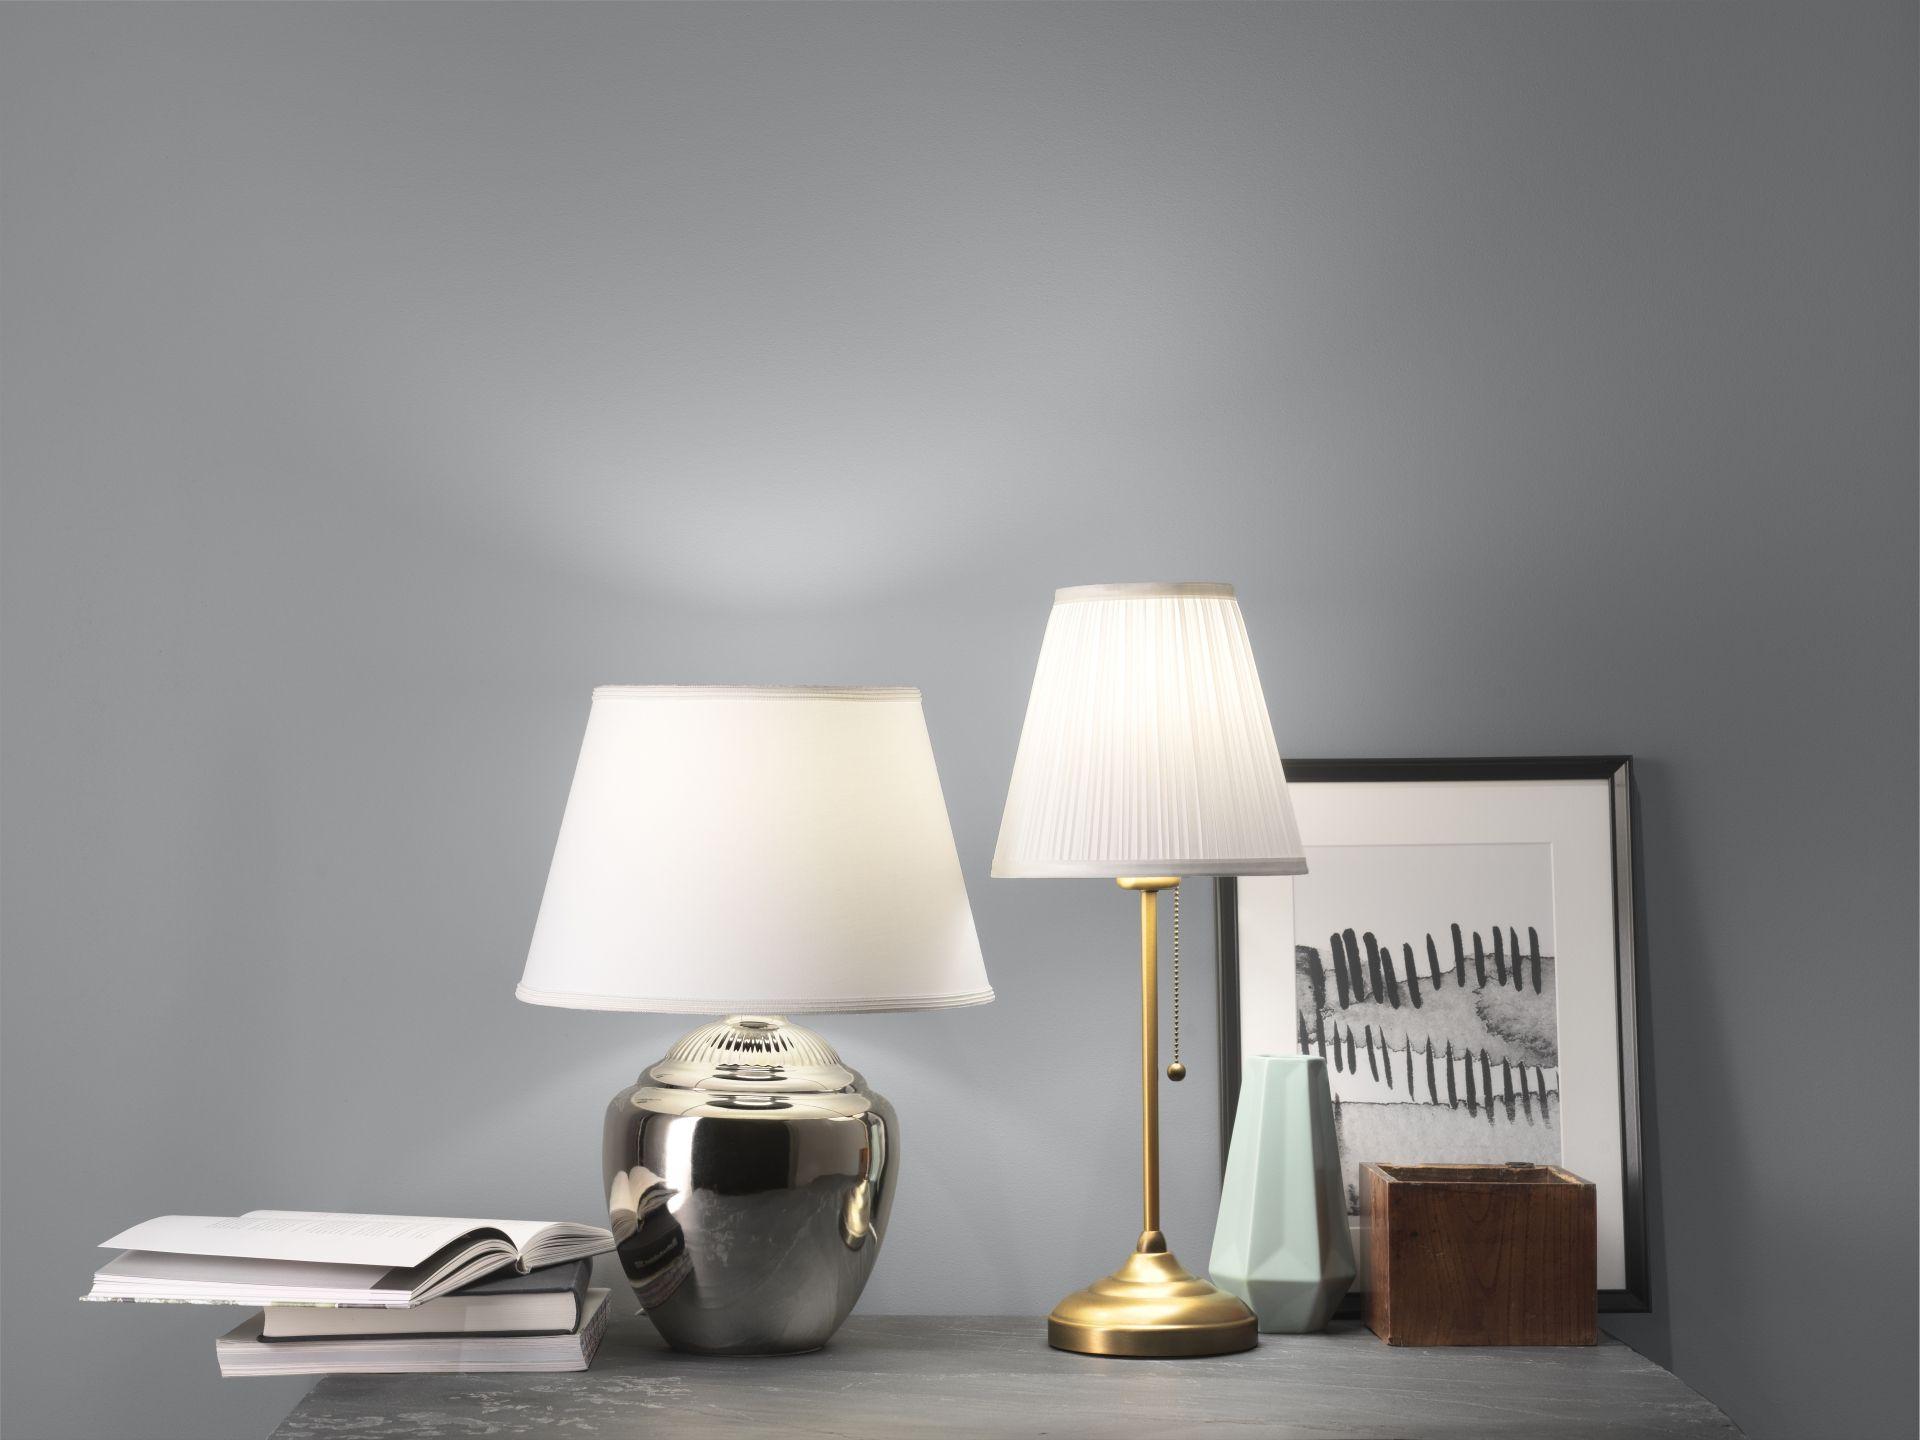 RICKARUM tafellamp  IKEAcatalogus nieuw 2018 IKEA IKEAnl